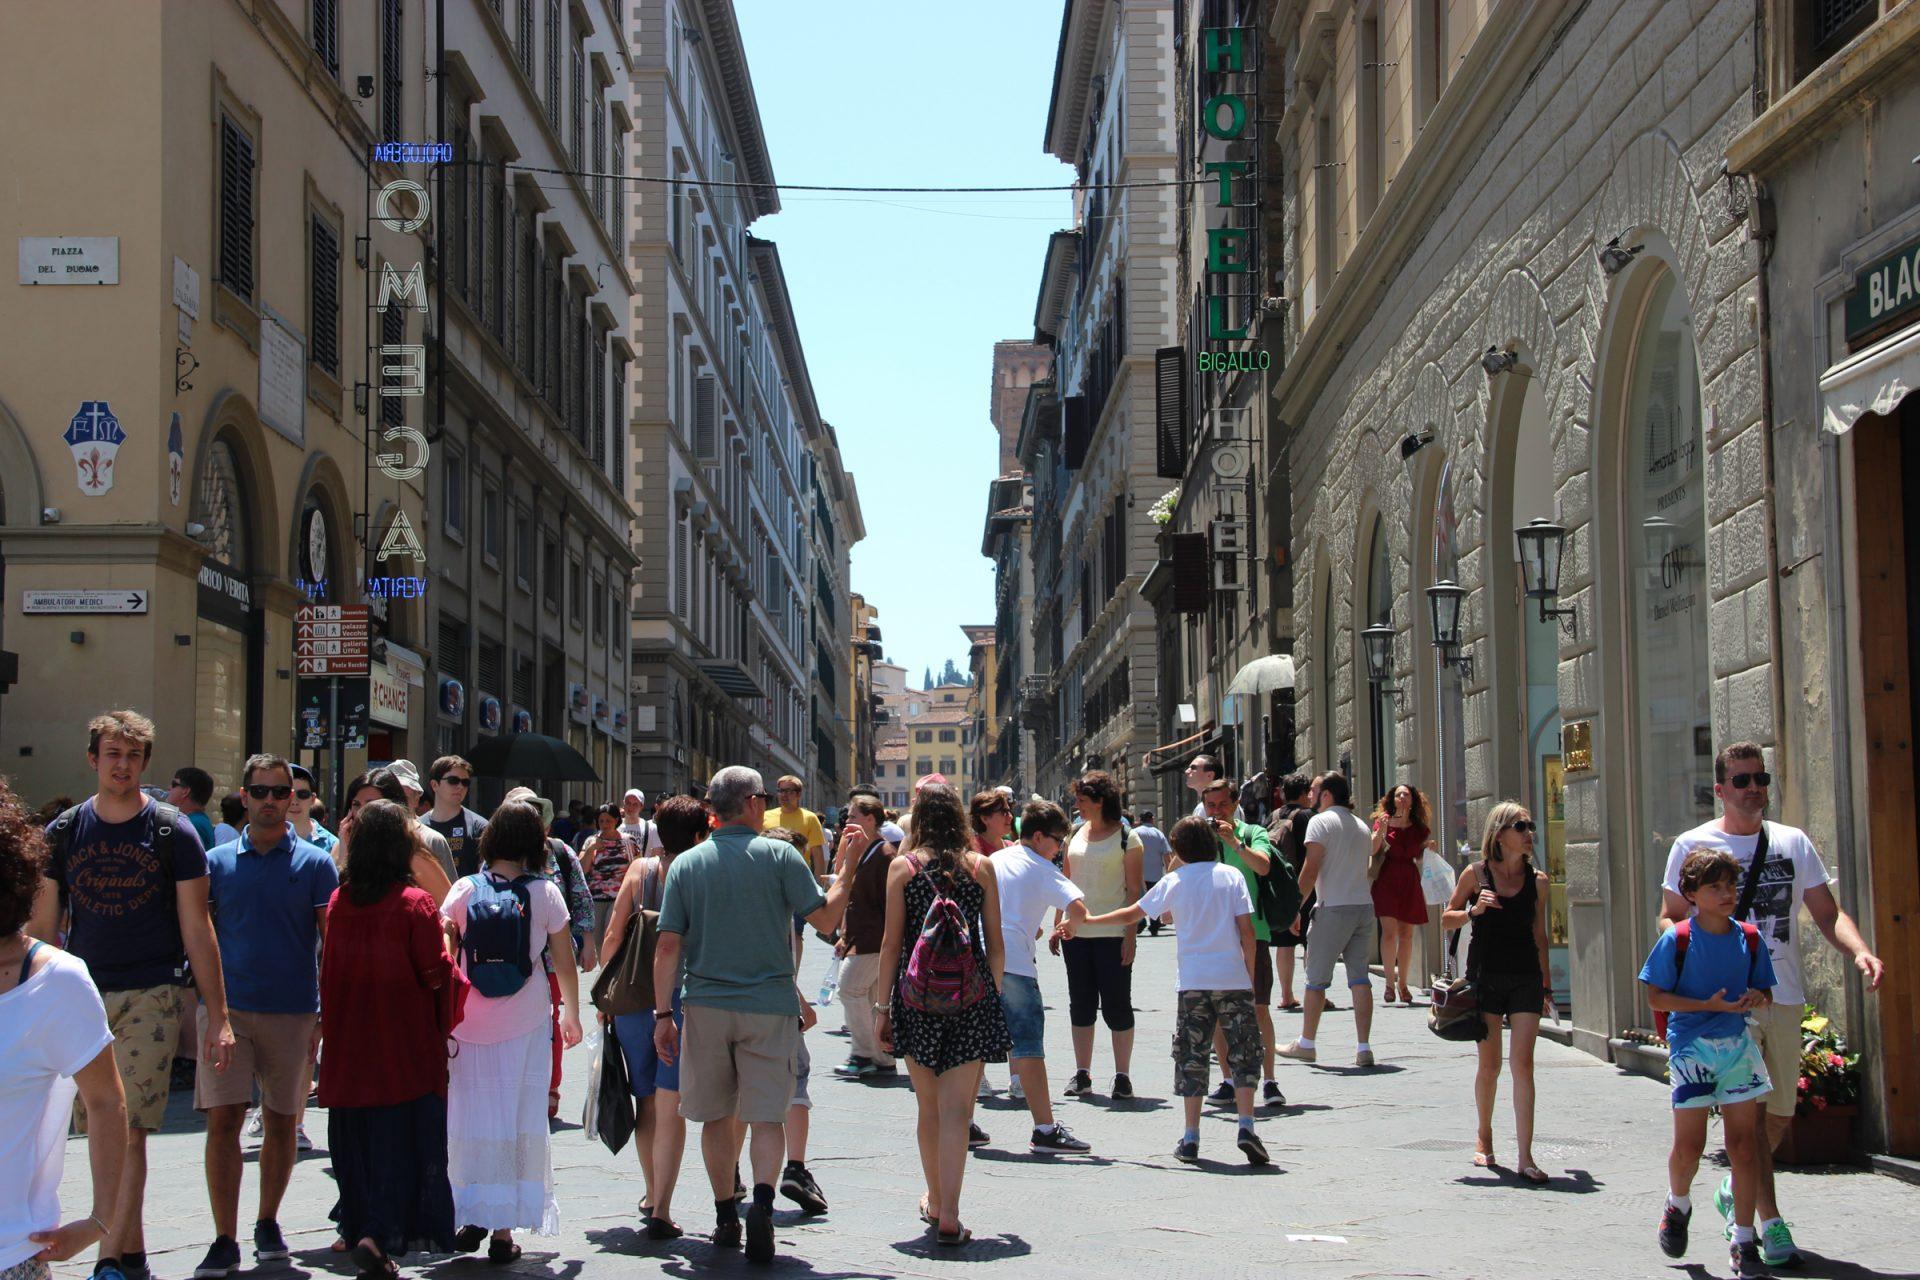 Crowds of People Walking on Street